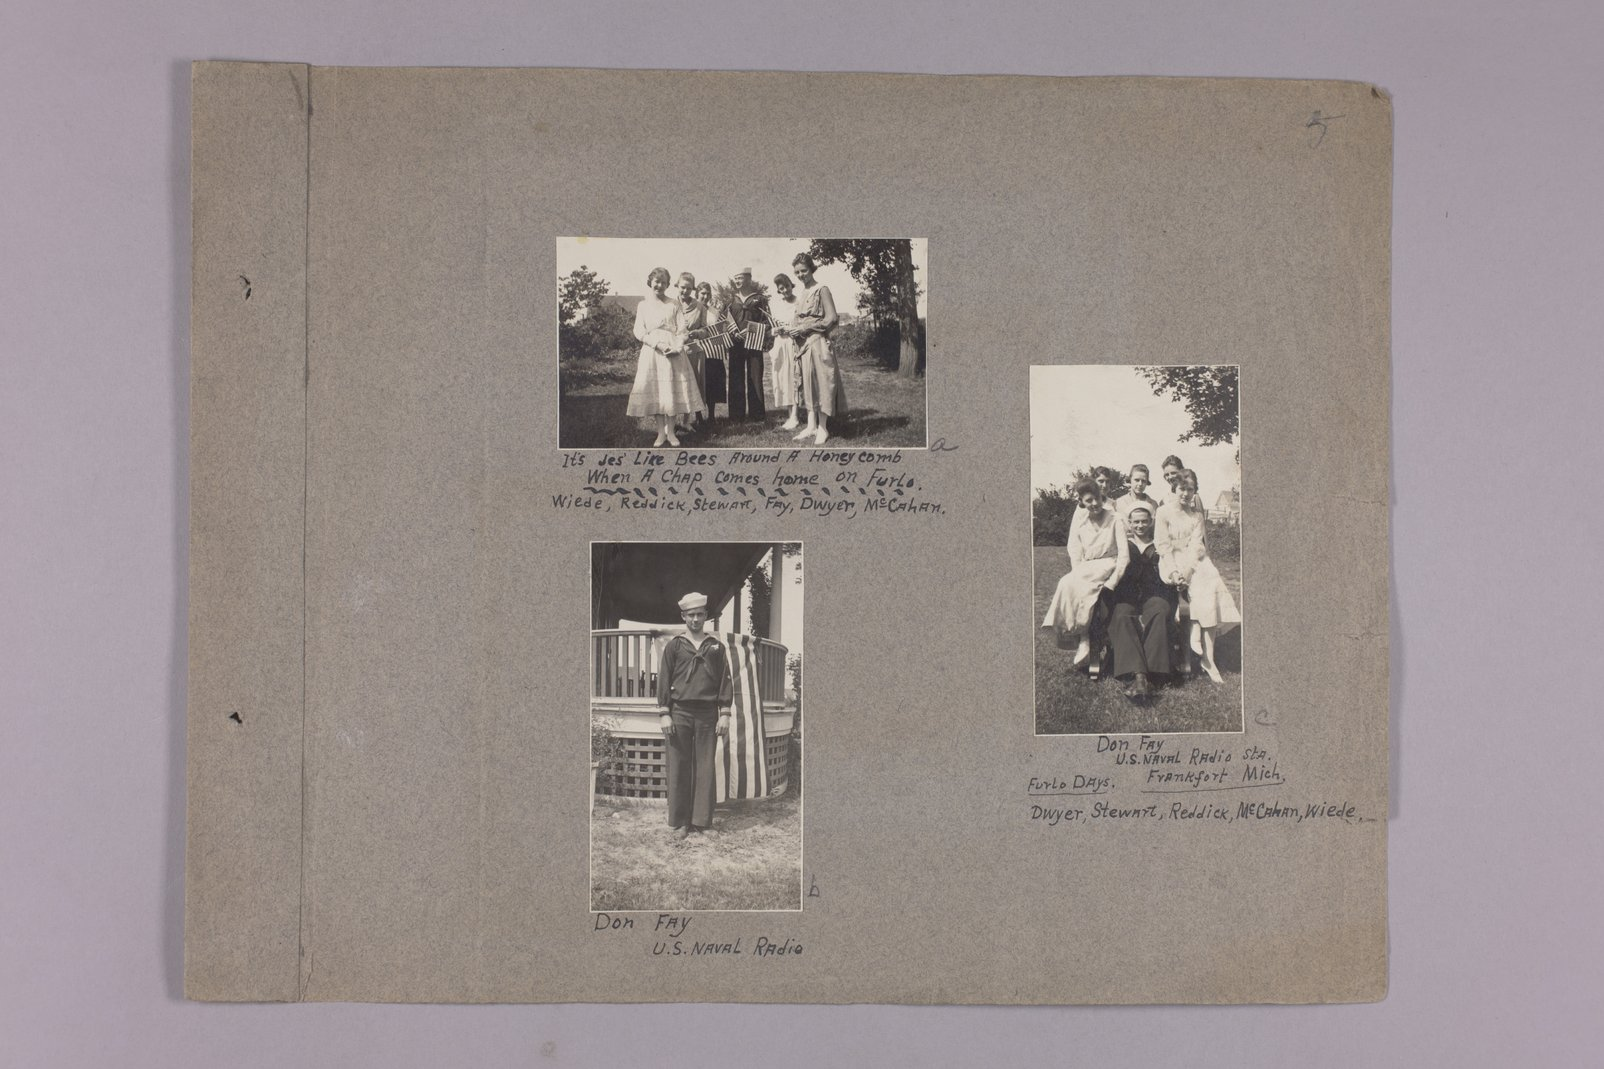 Martha Farnsworth scrapbook #4 - Photographs: Don Fay